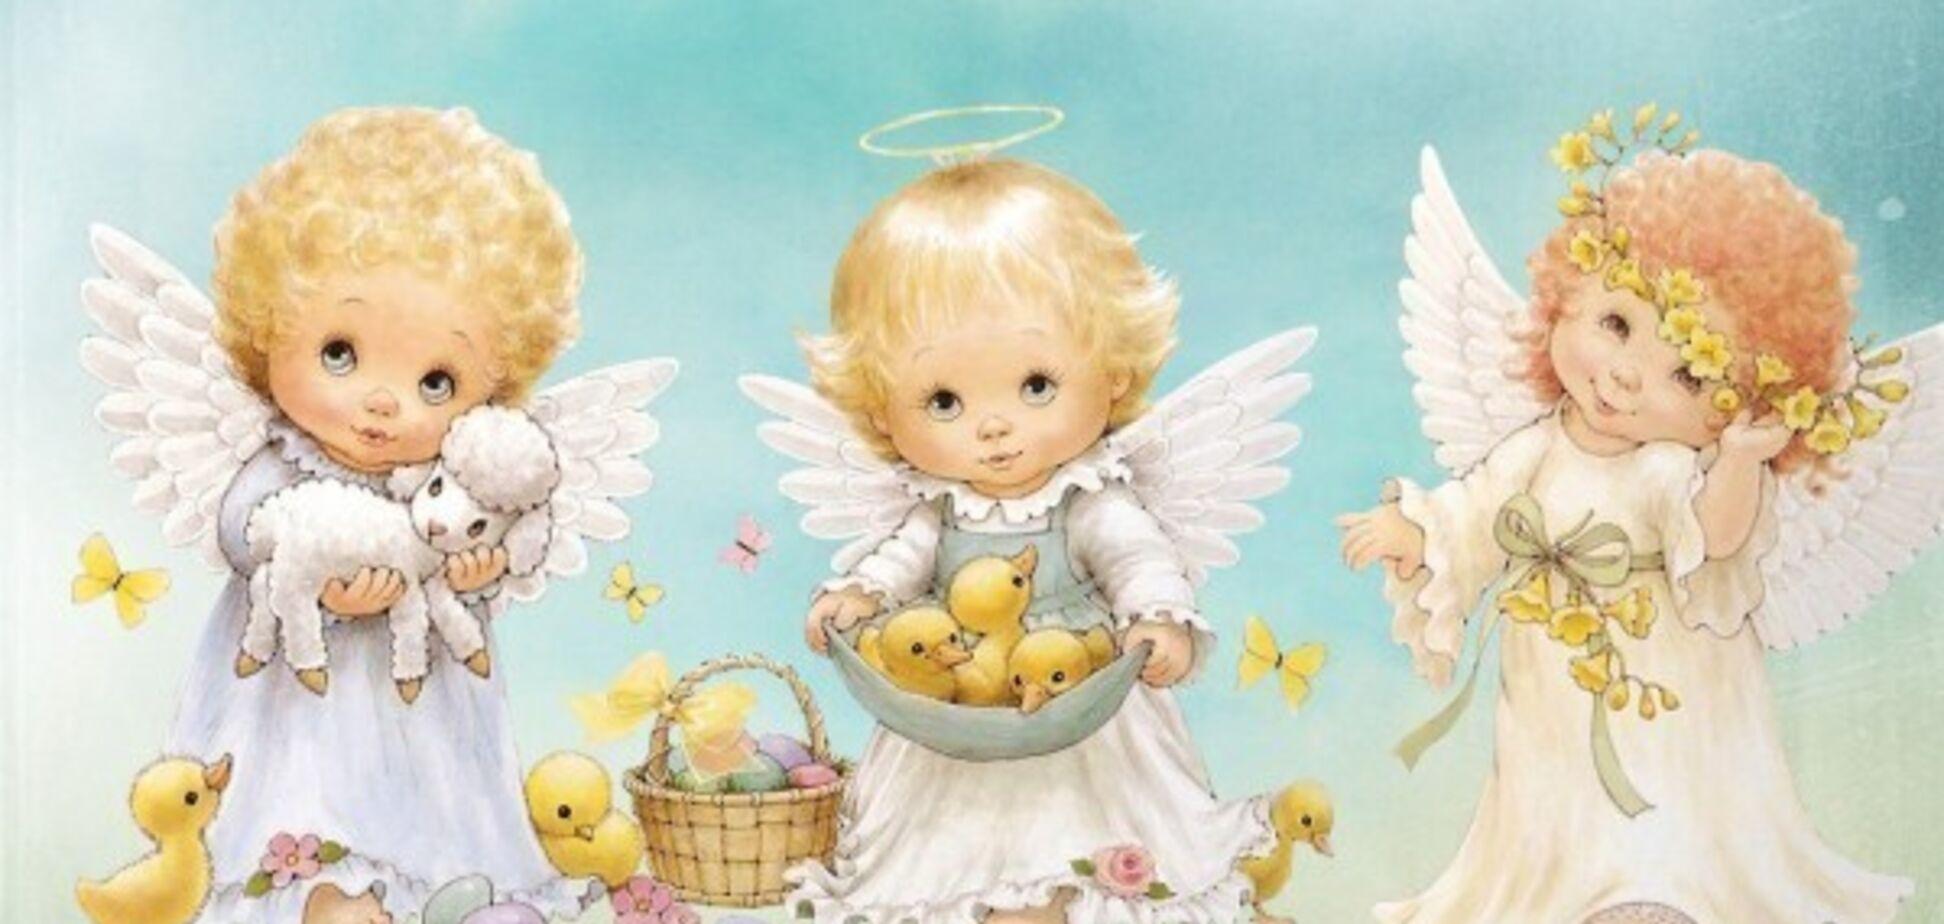 День ангела Олени: як душевно привітати зі святом